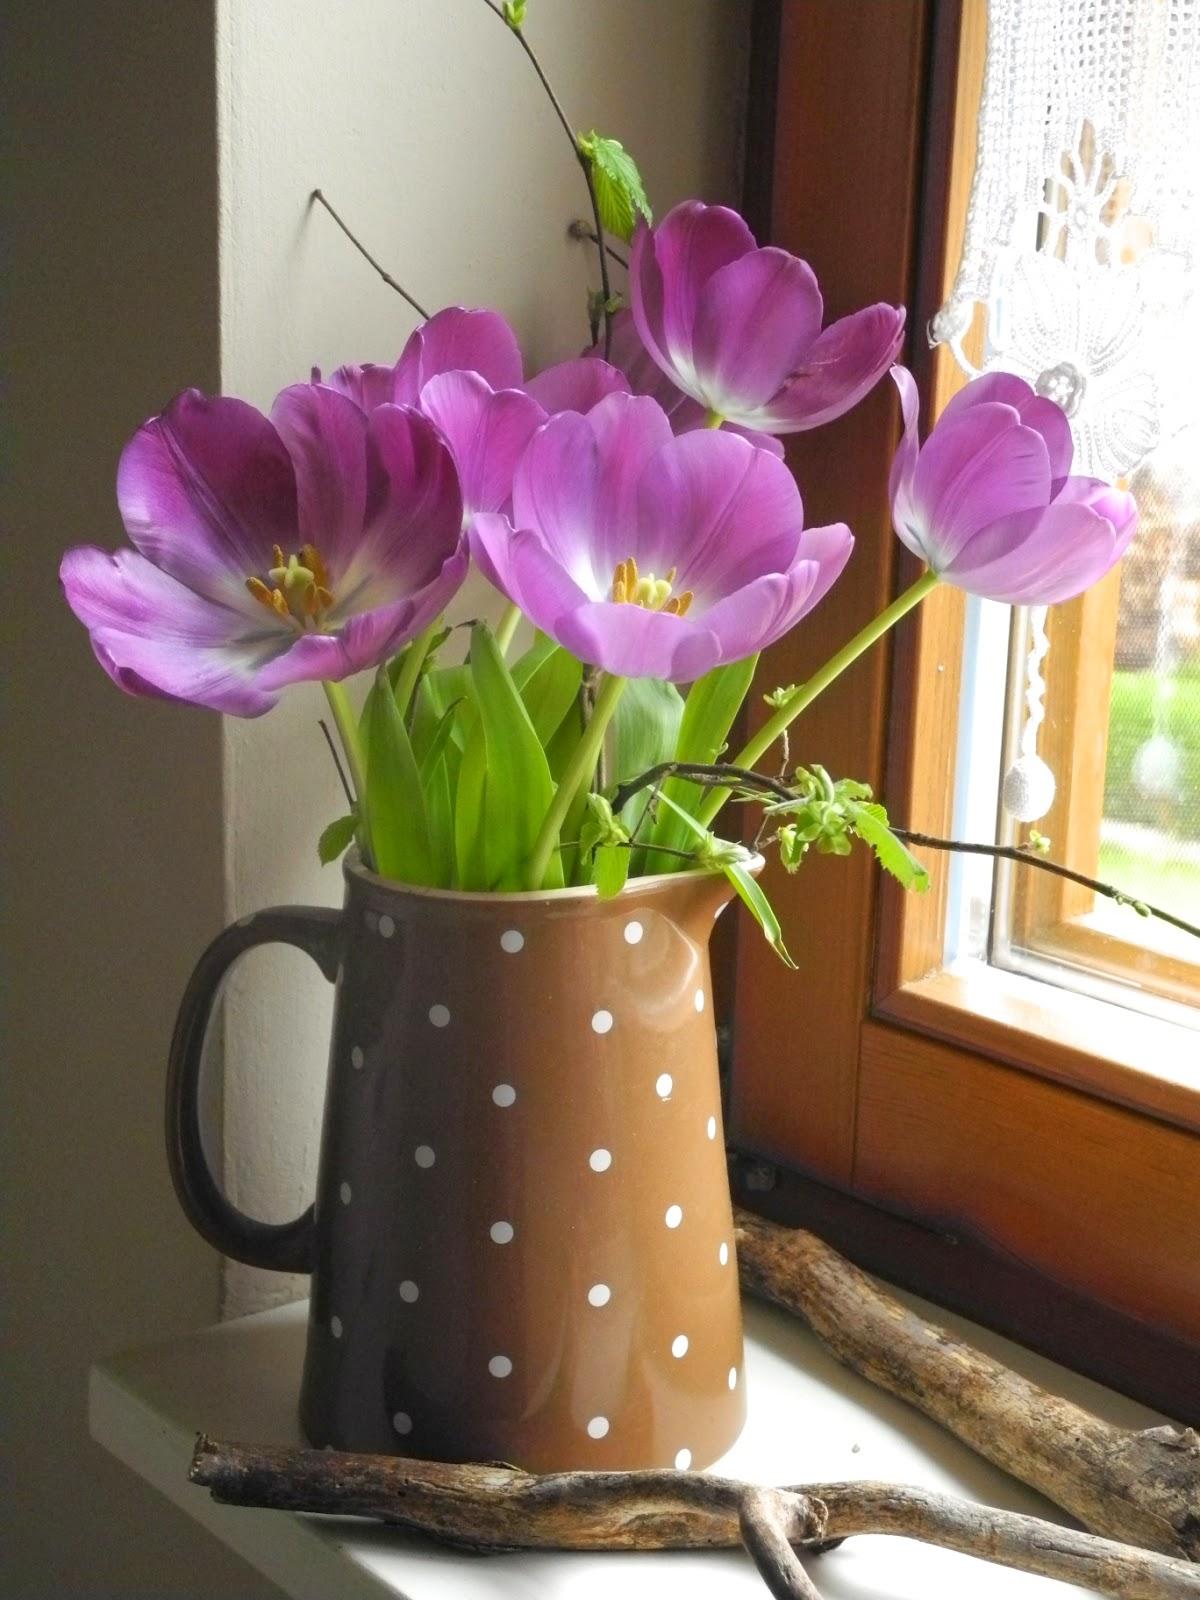 Schmiedegarten Tulpen in der Vase